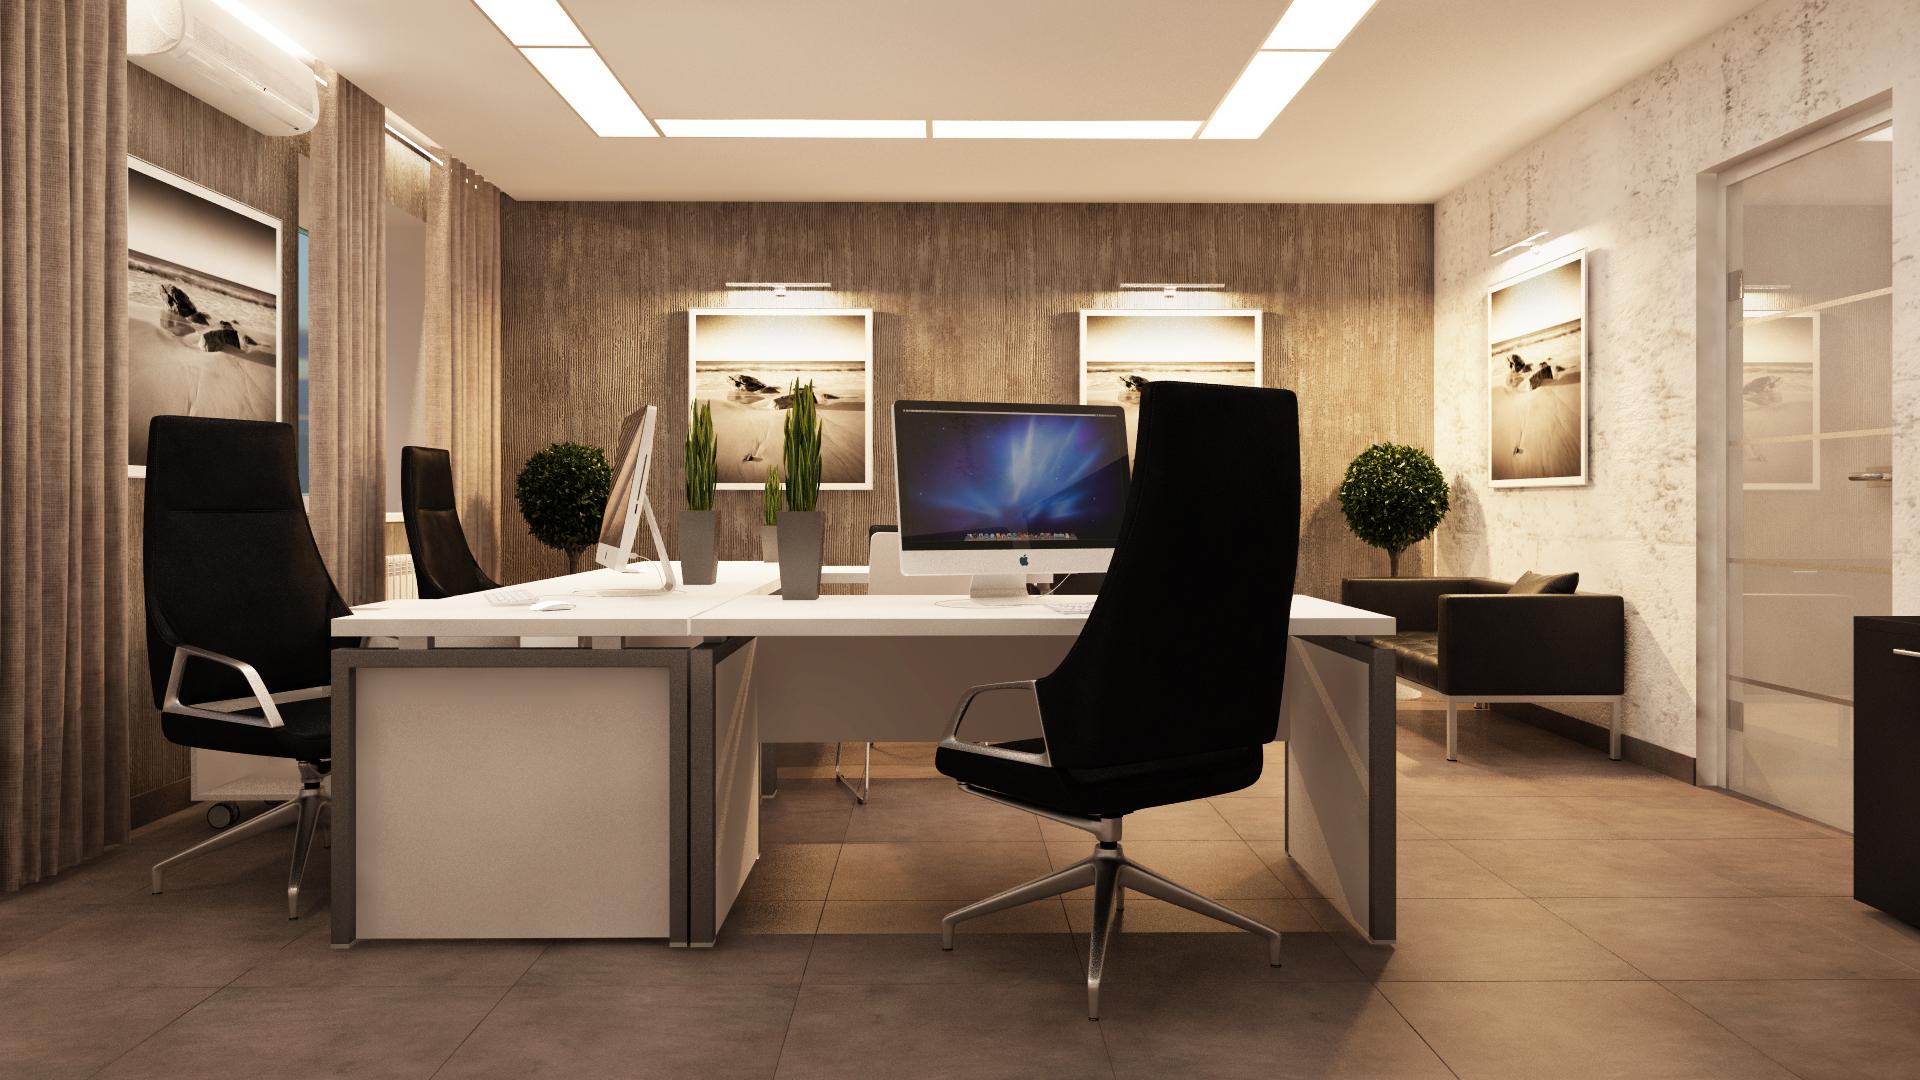 картинка кабинет на рабочий стол мир представляет себя